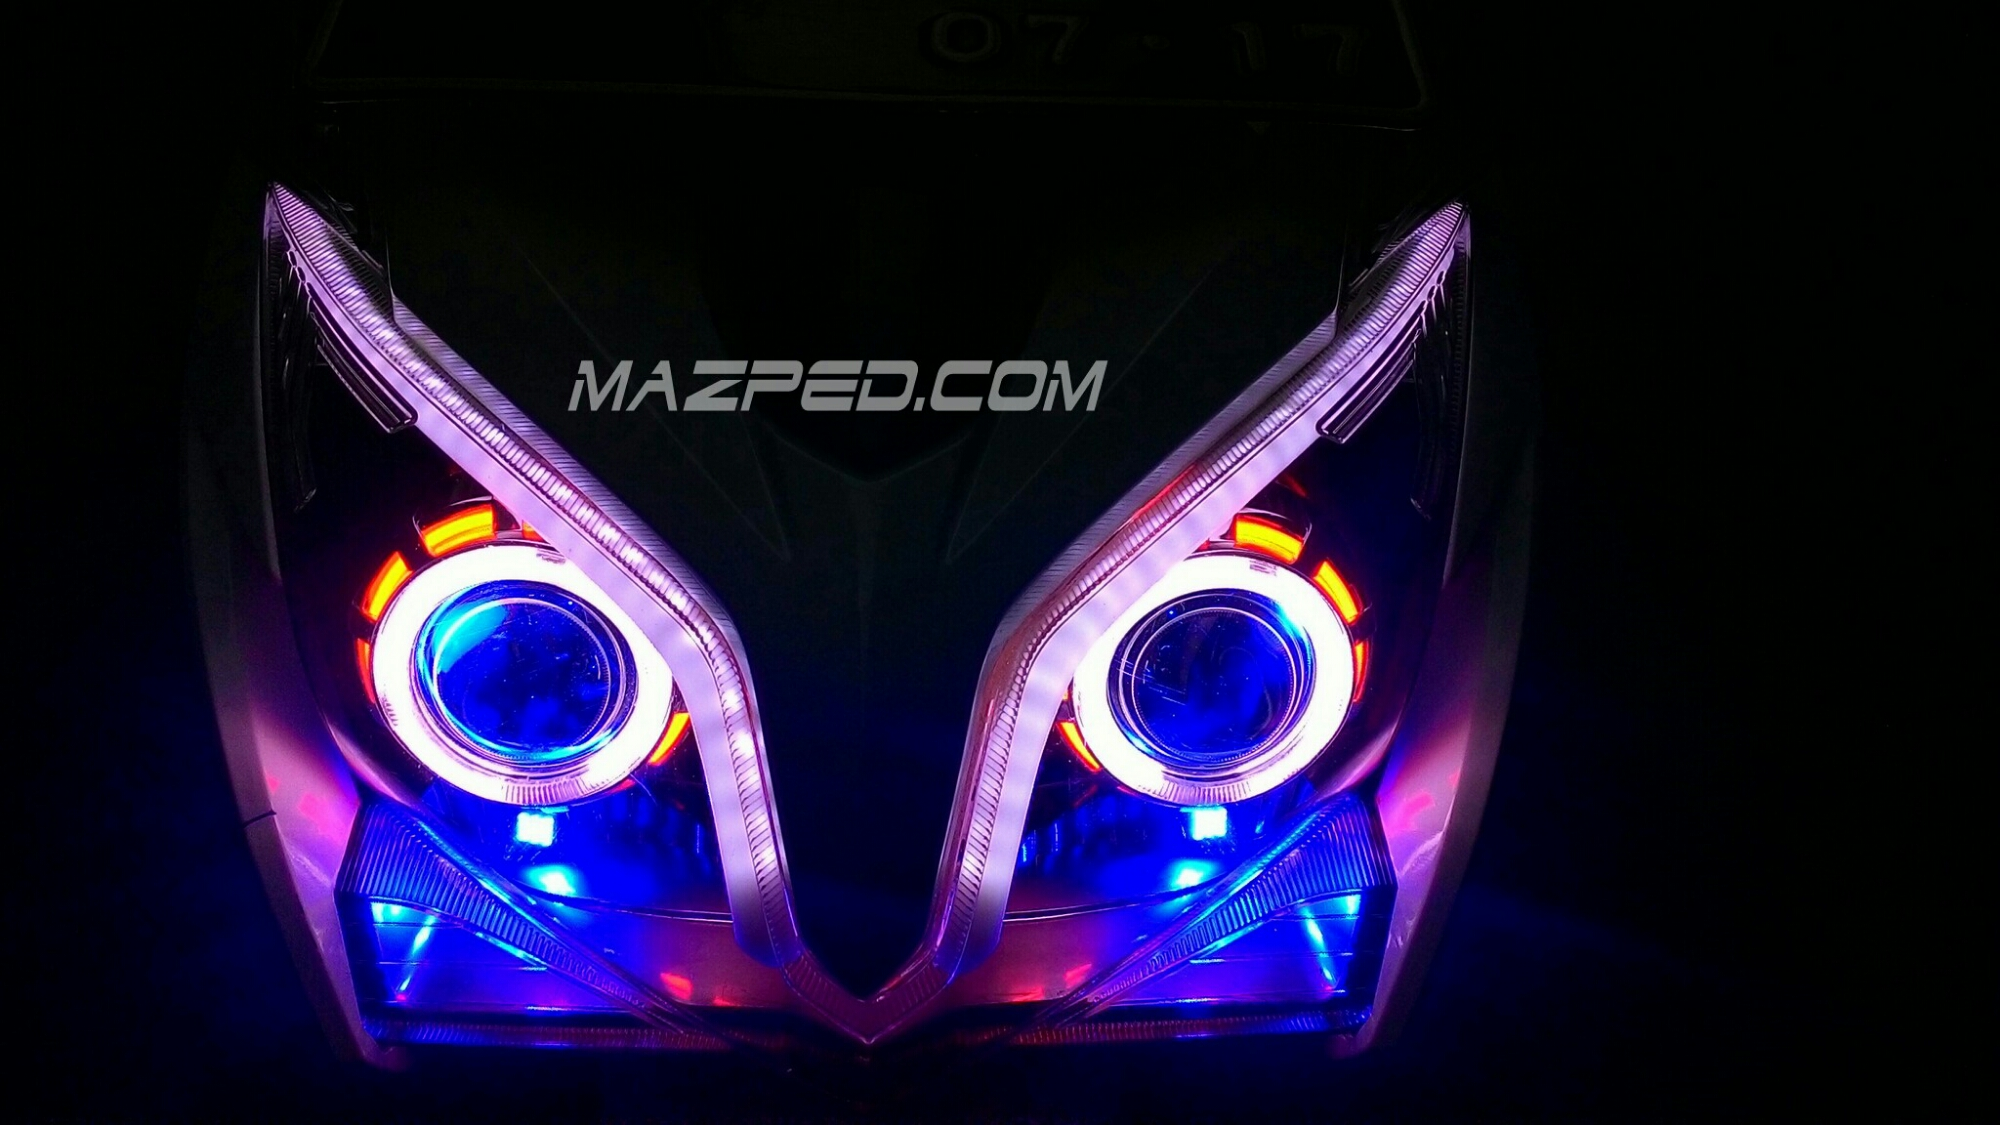 100 Modifikasi Lampu Motor Vario Techno Terbaik Kumbara Modif